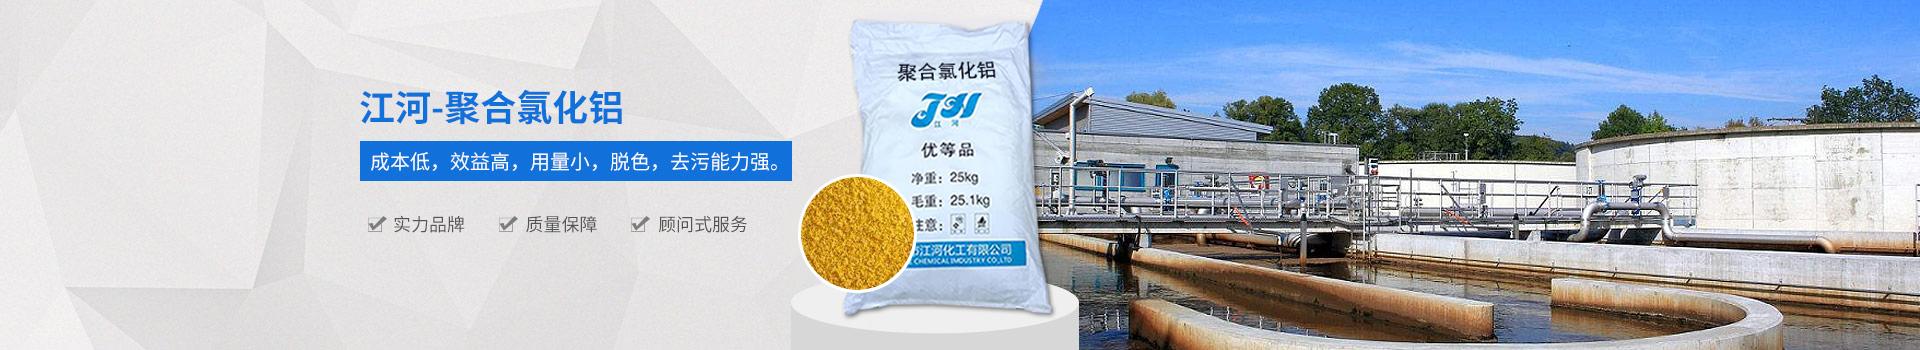 江河化工聚合氯化铝,成本低,效益高,用量小,去污能力强